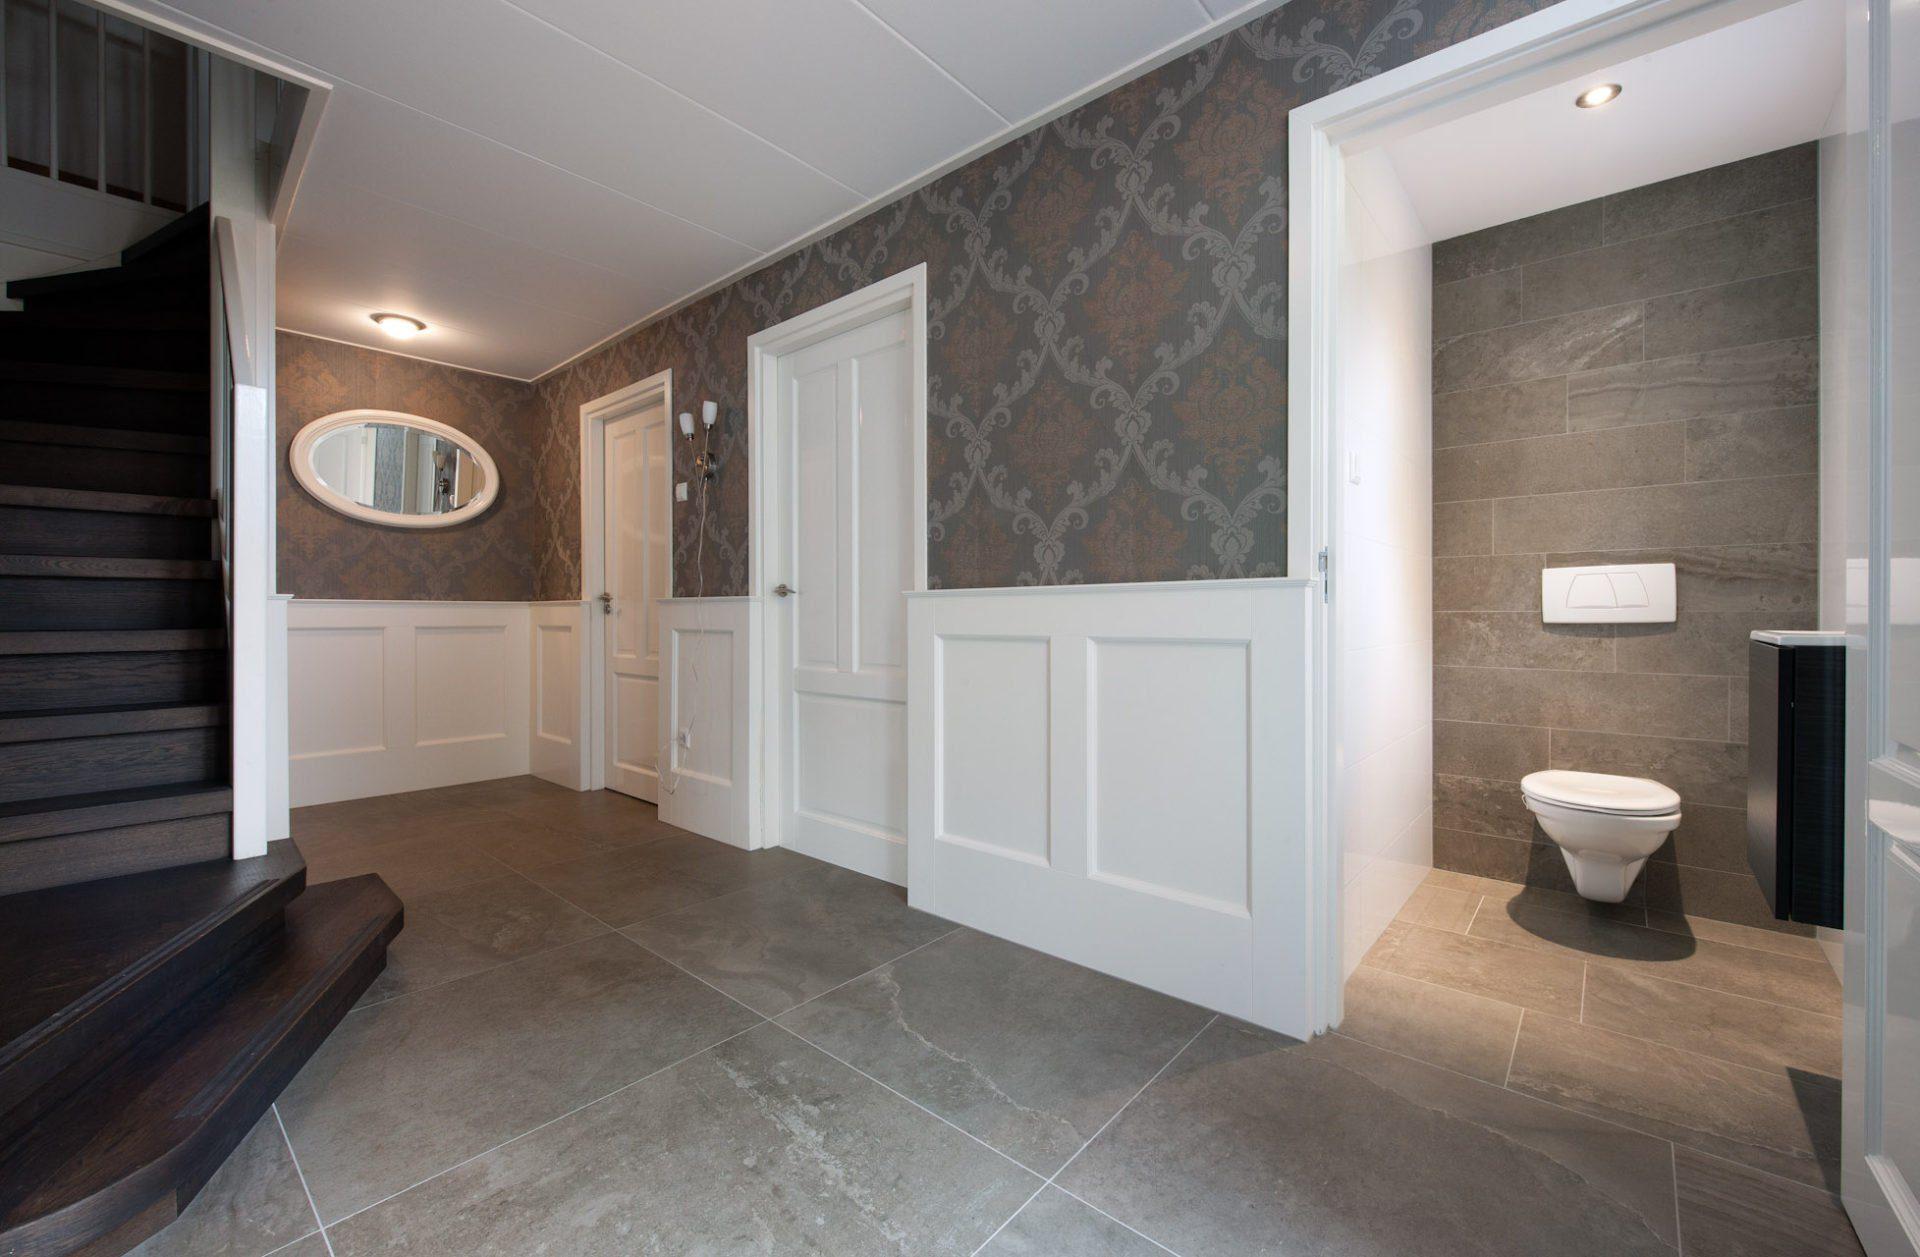 aanbevolen tegelvloer badkamer inspirerende ideeà n ontwerp met